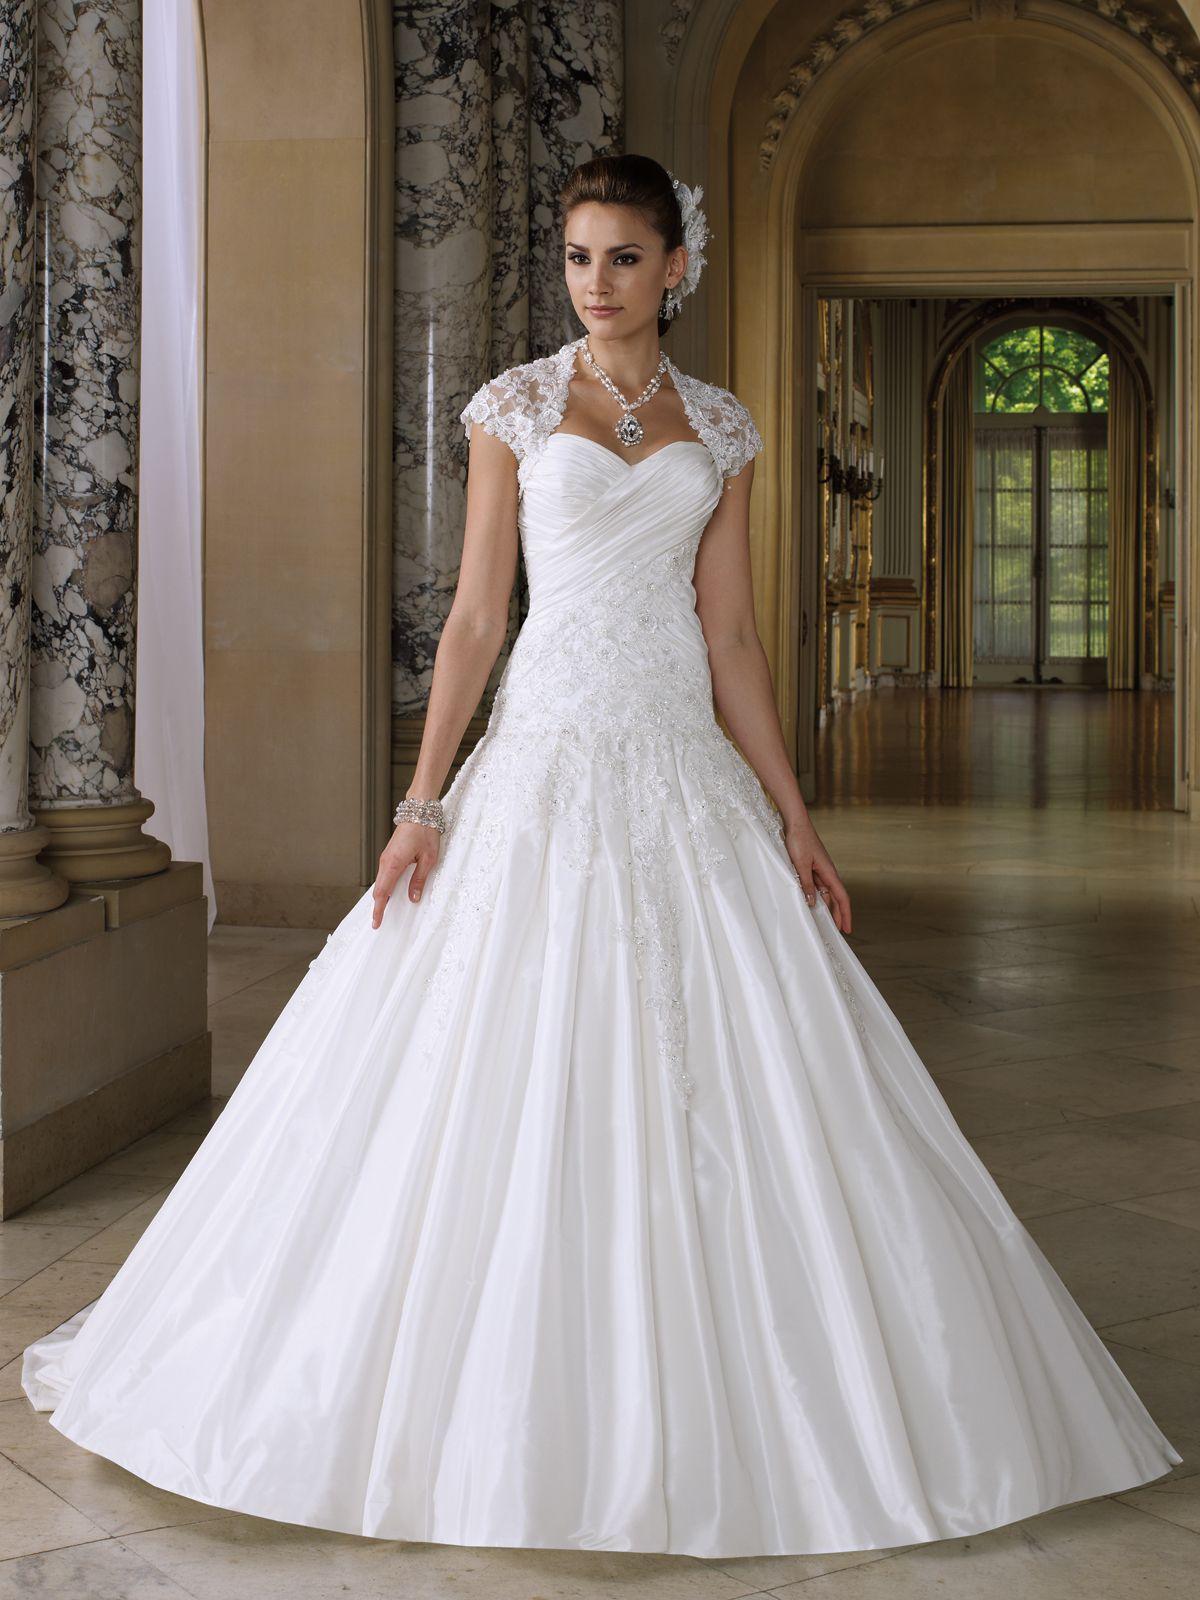 Elige un vestido que te guste y con el que te sientas cómoda para ...